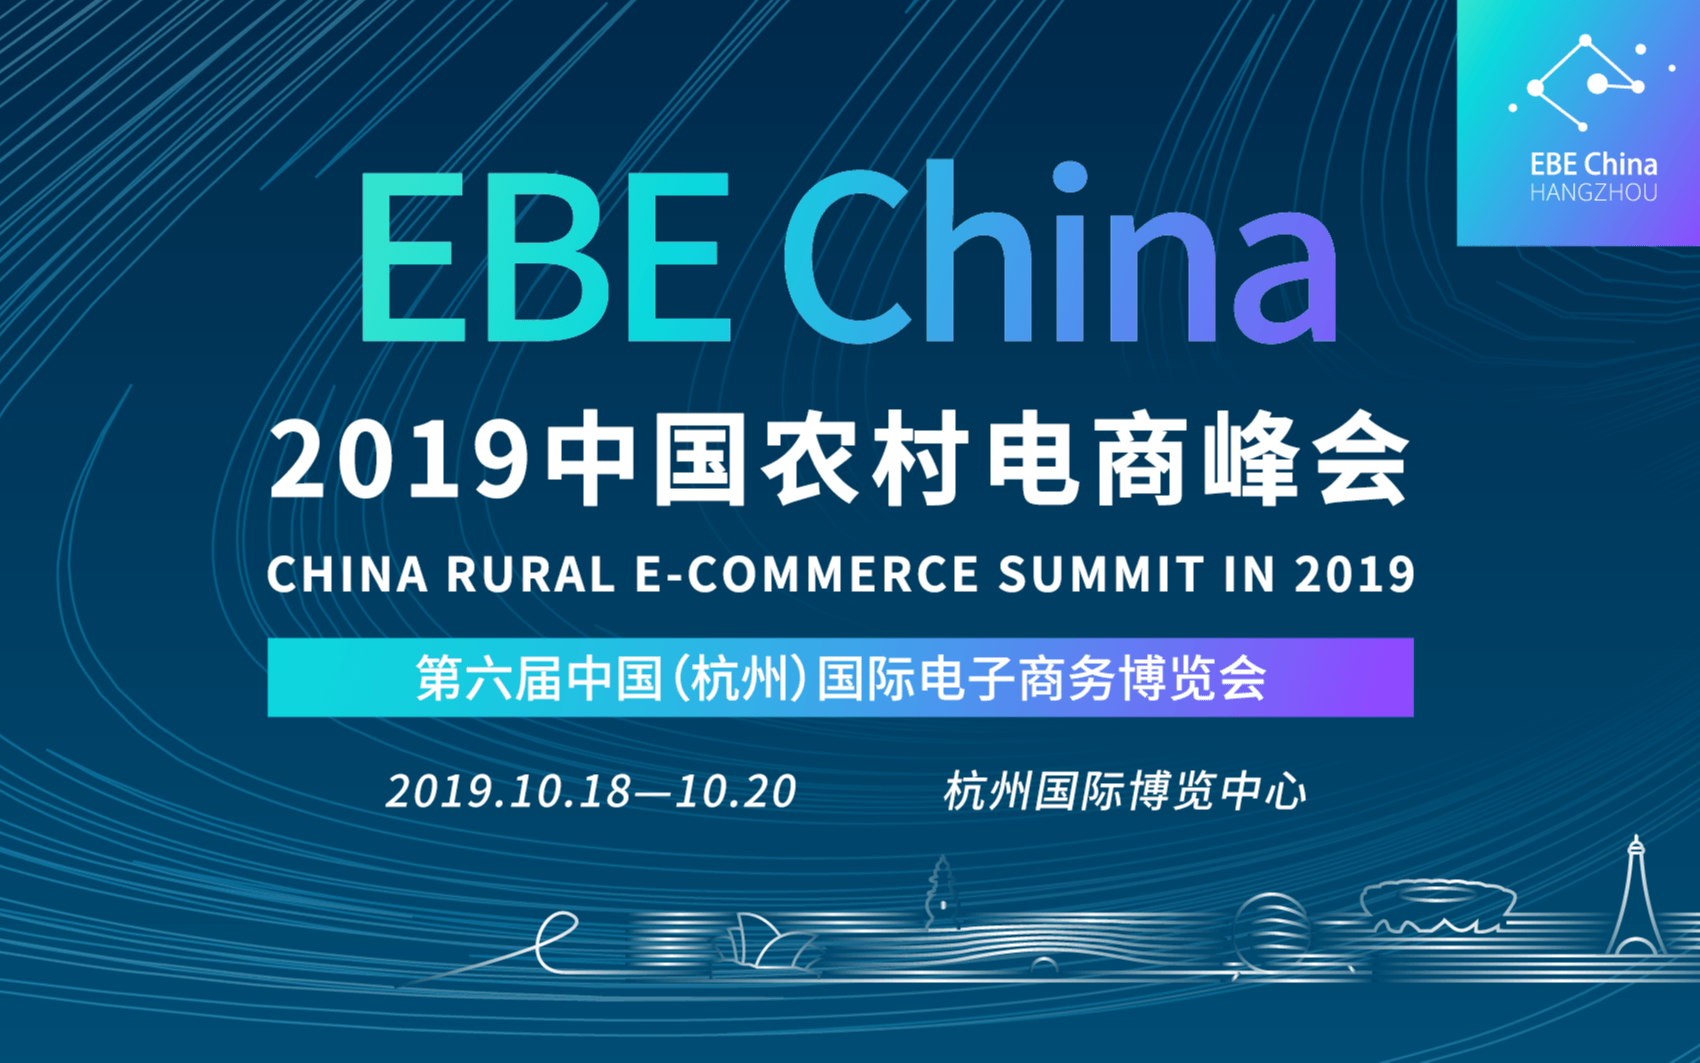 第六届中国(杭州)国际电子商务博览会--中国农村电商峰会2019